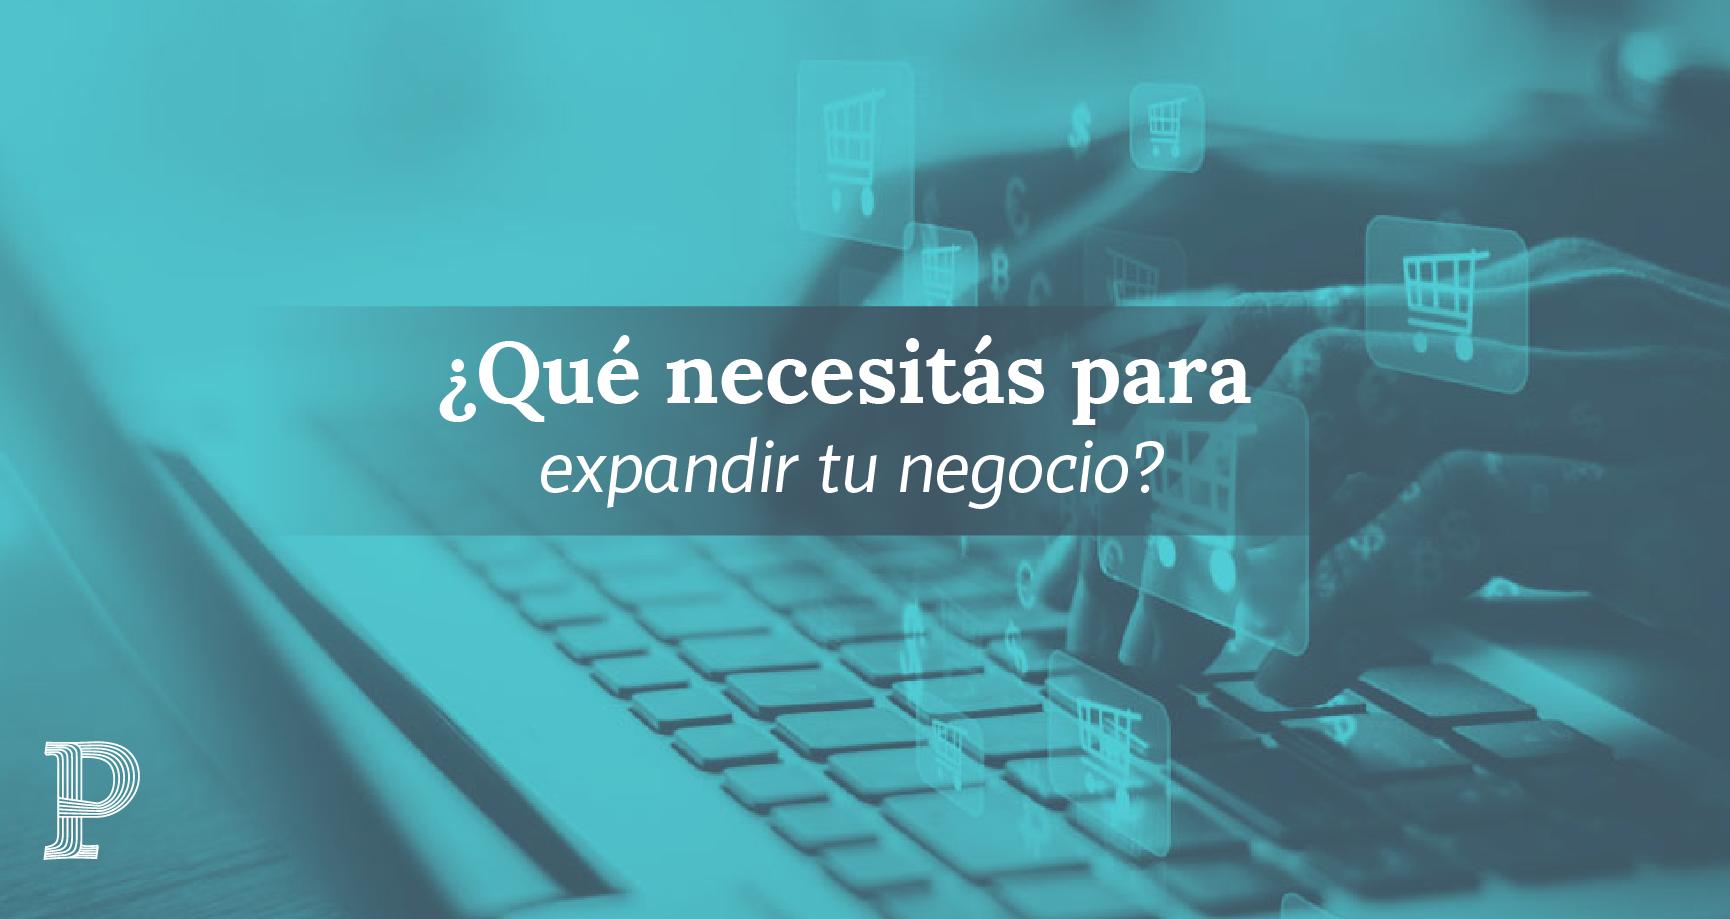 Expandí tu negocio en internet: Oportunidades para llegar a públicos dentro y fuera de  Nicaragua